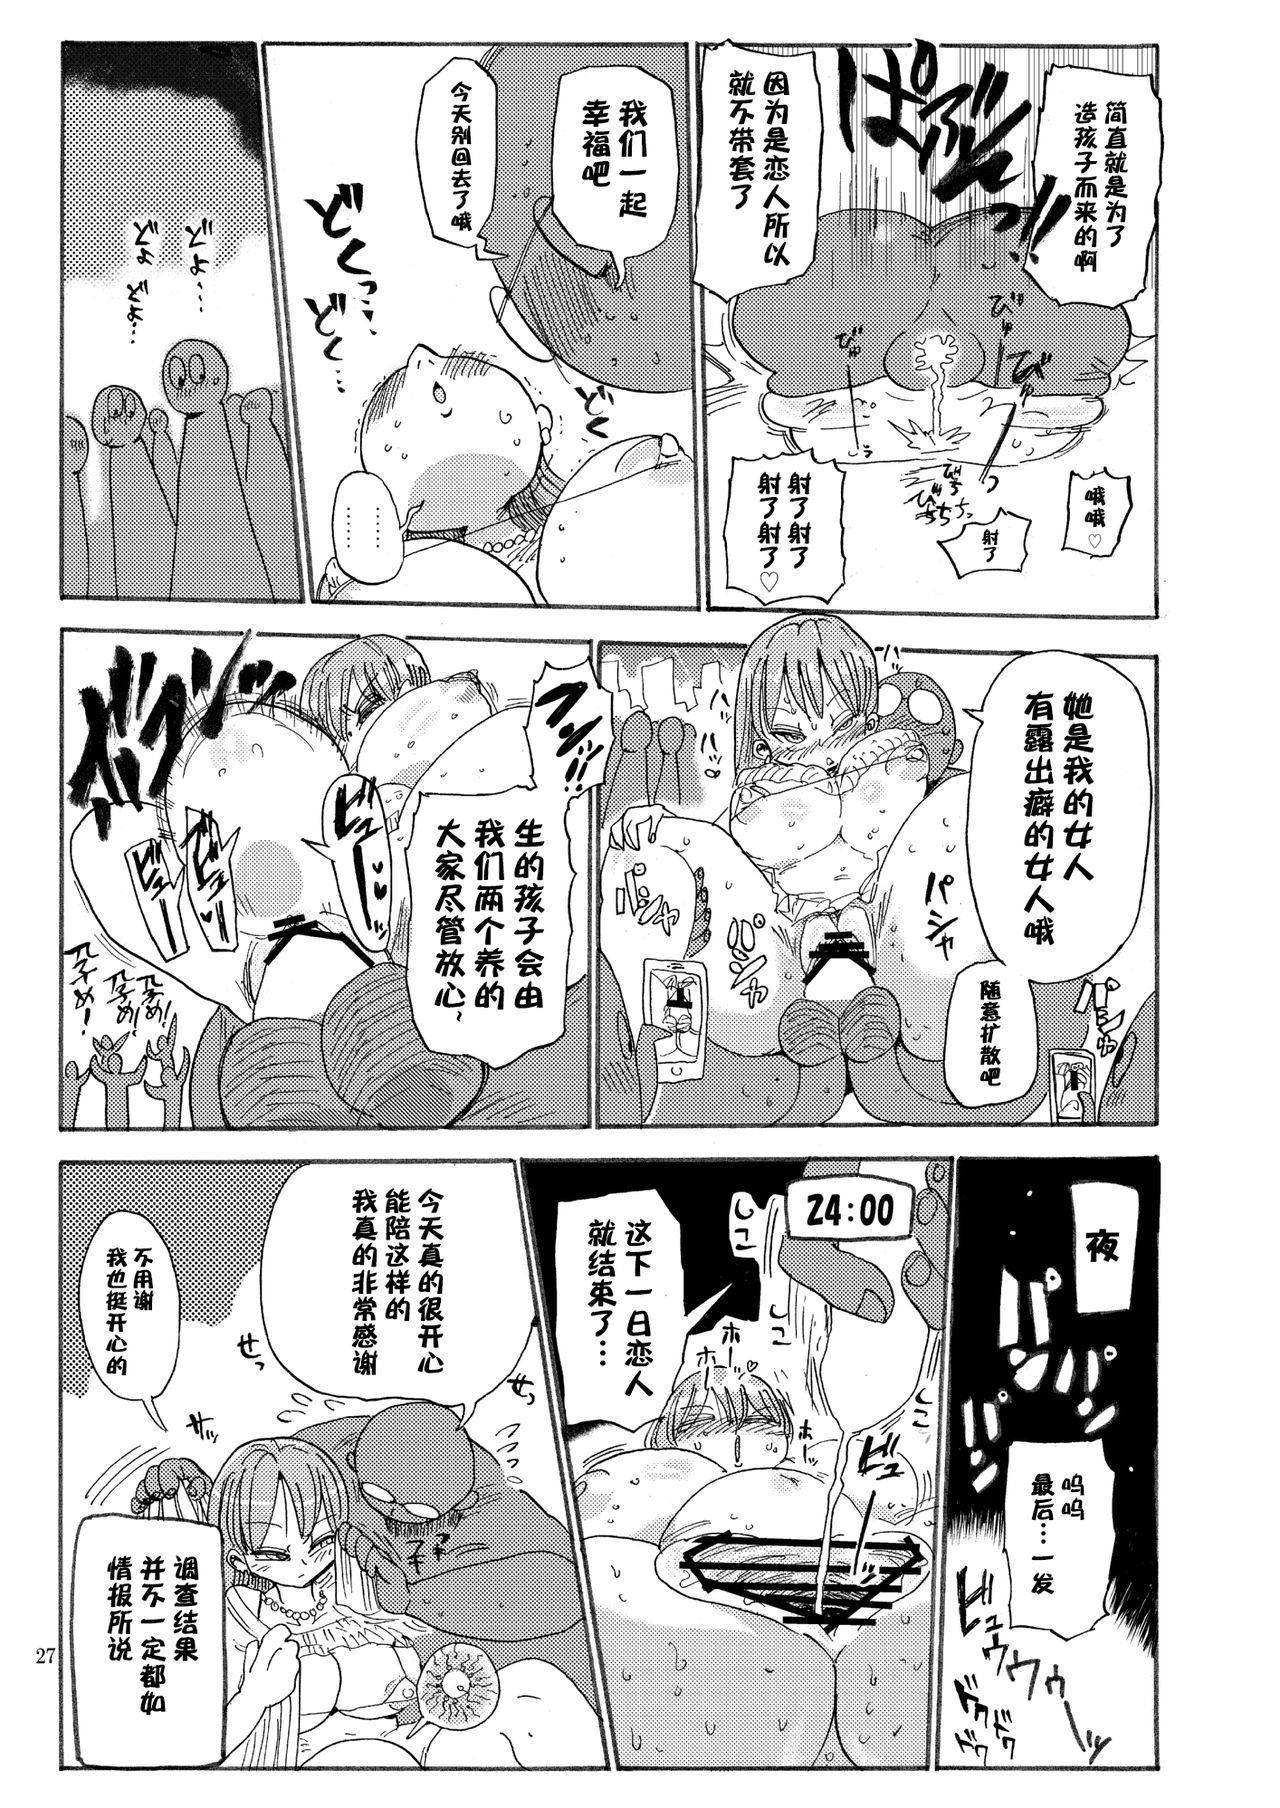 Nandemo Chousa Shoujo no Doujinshi ga Deta? Wakarimashita Chousa Shimasu 26